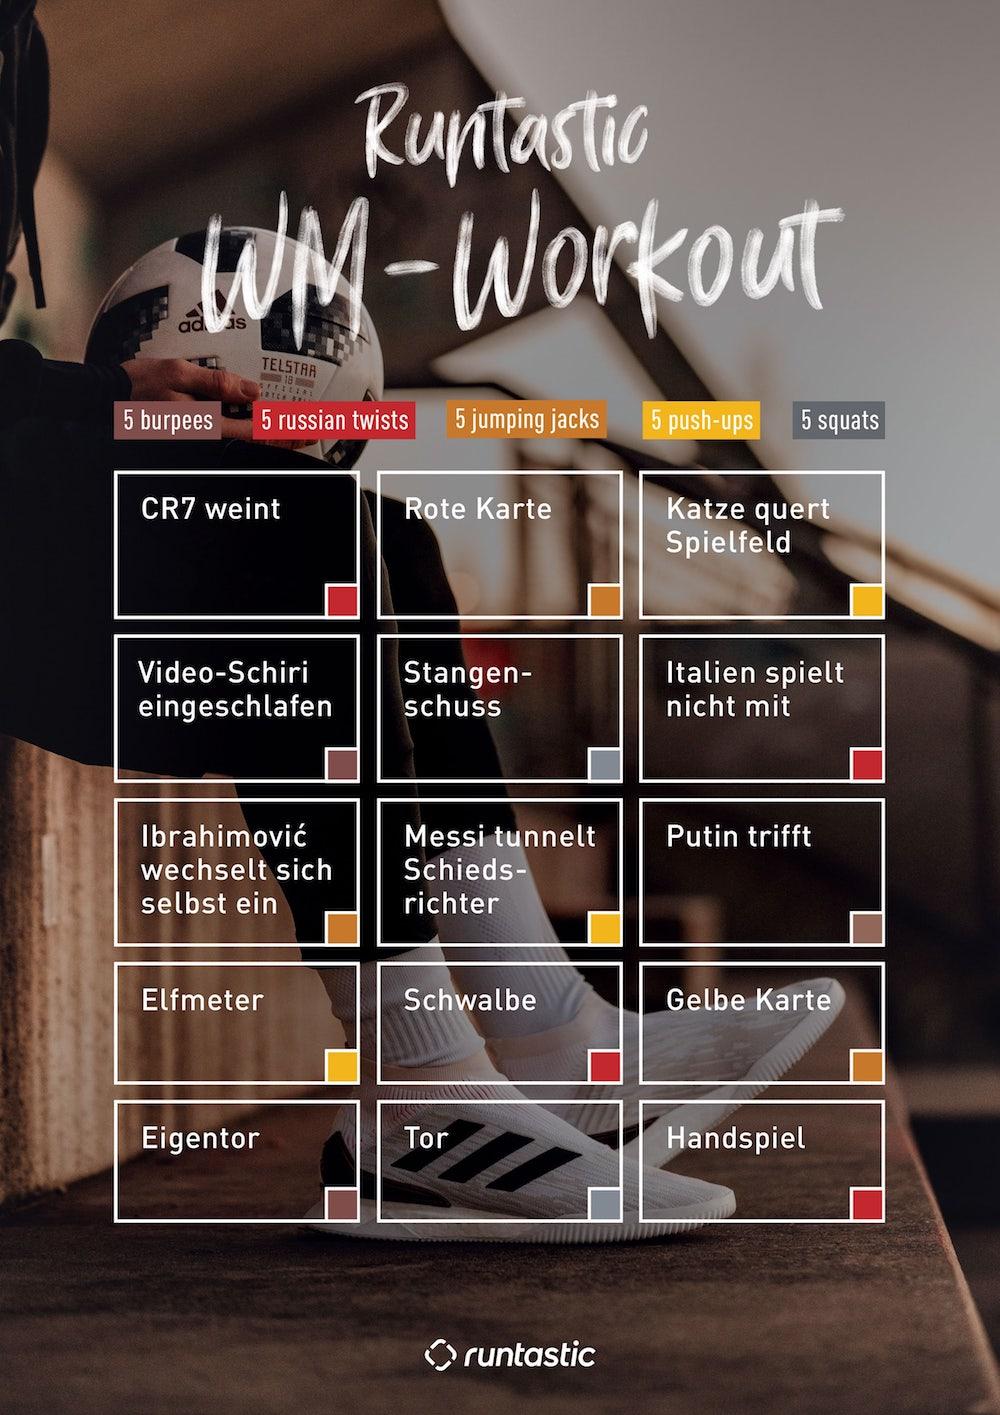 Weltmeisterschaft workout